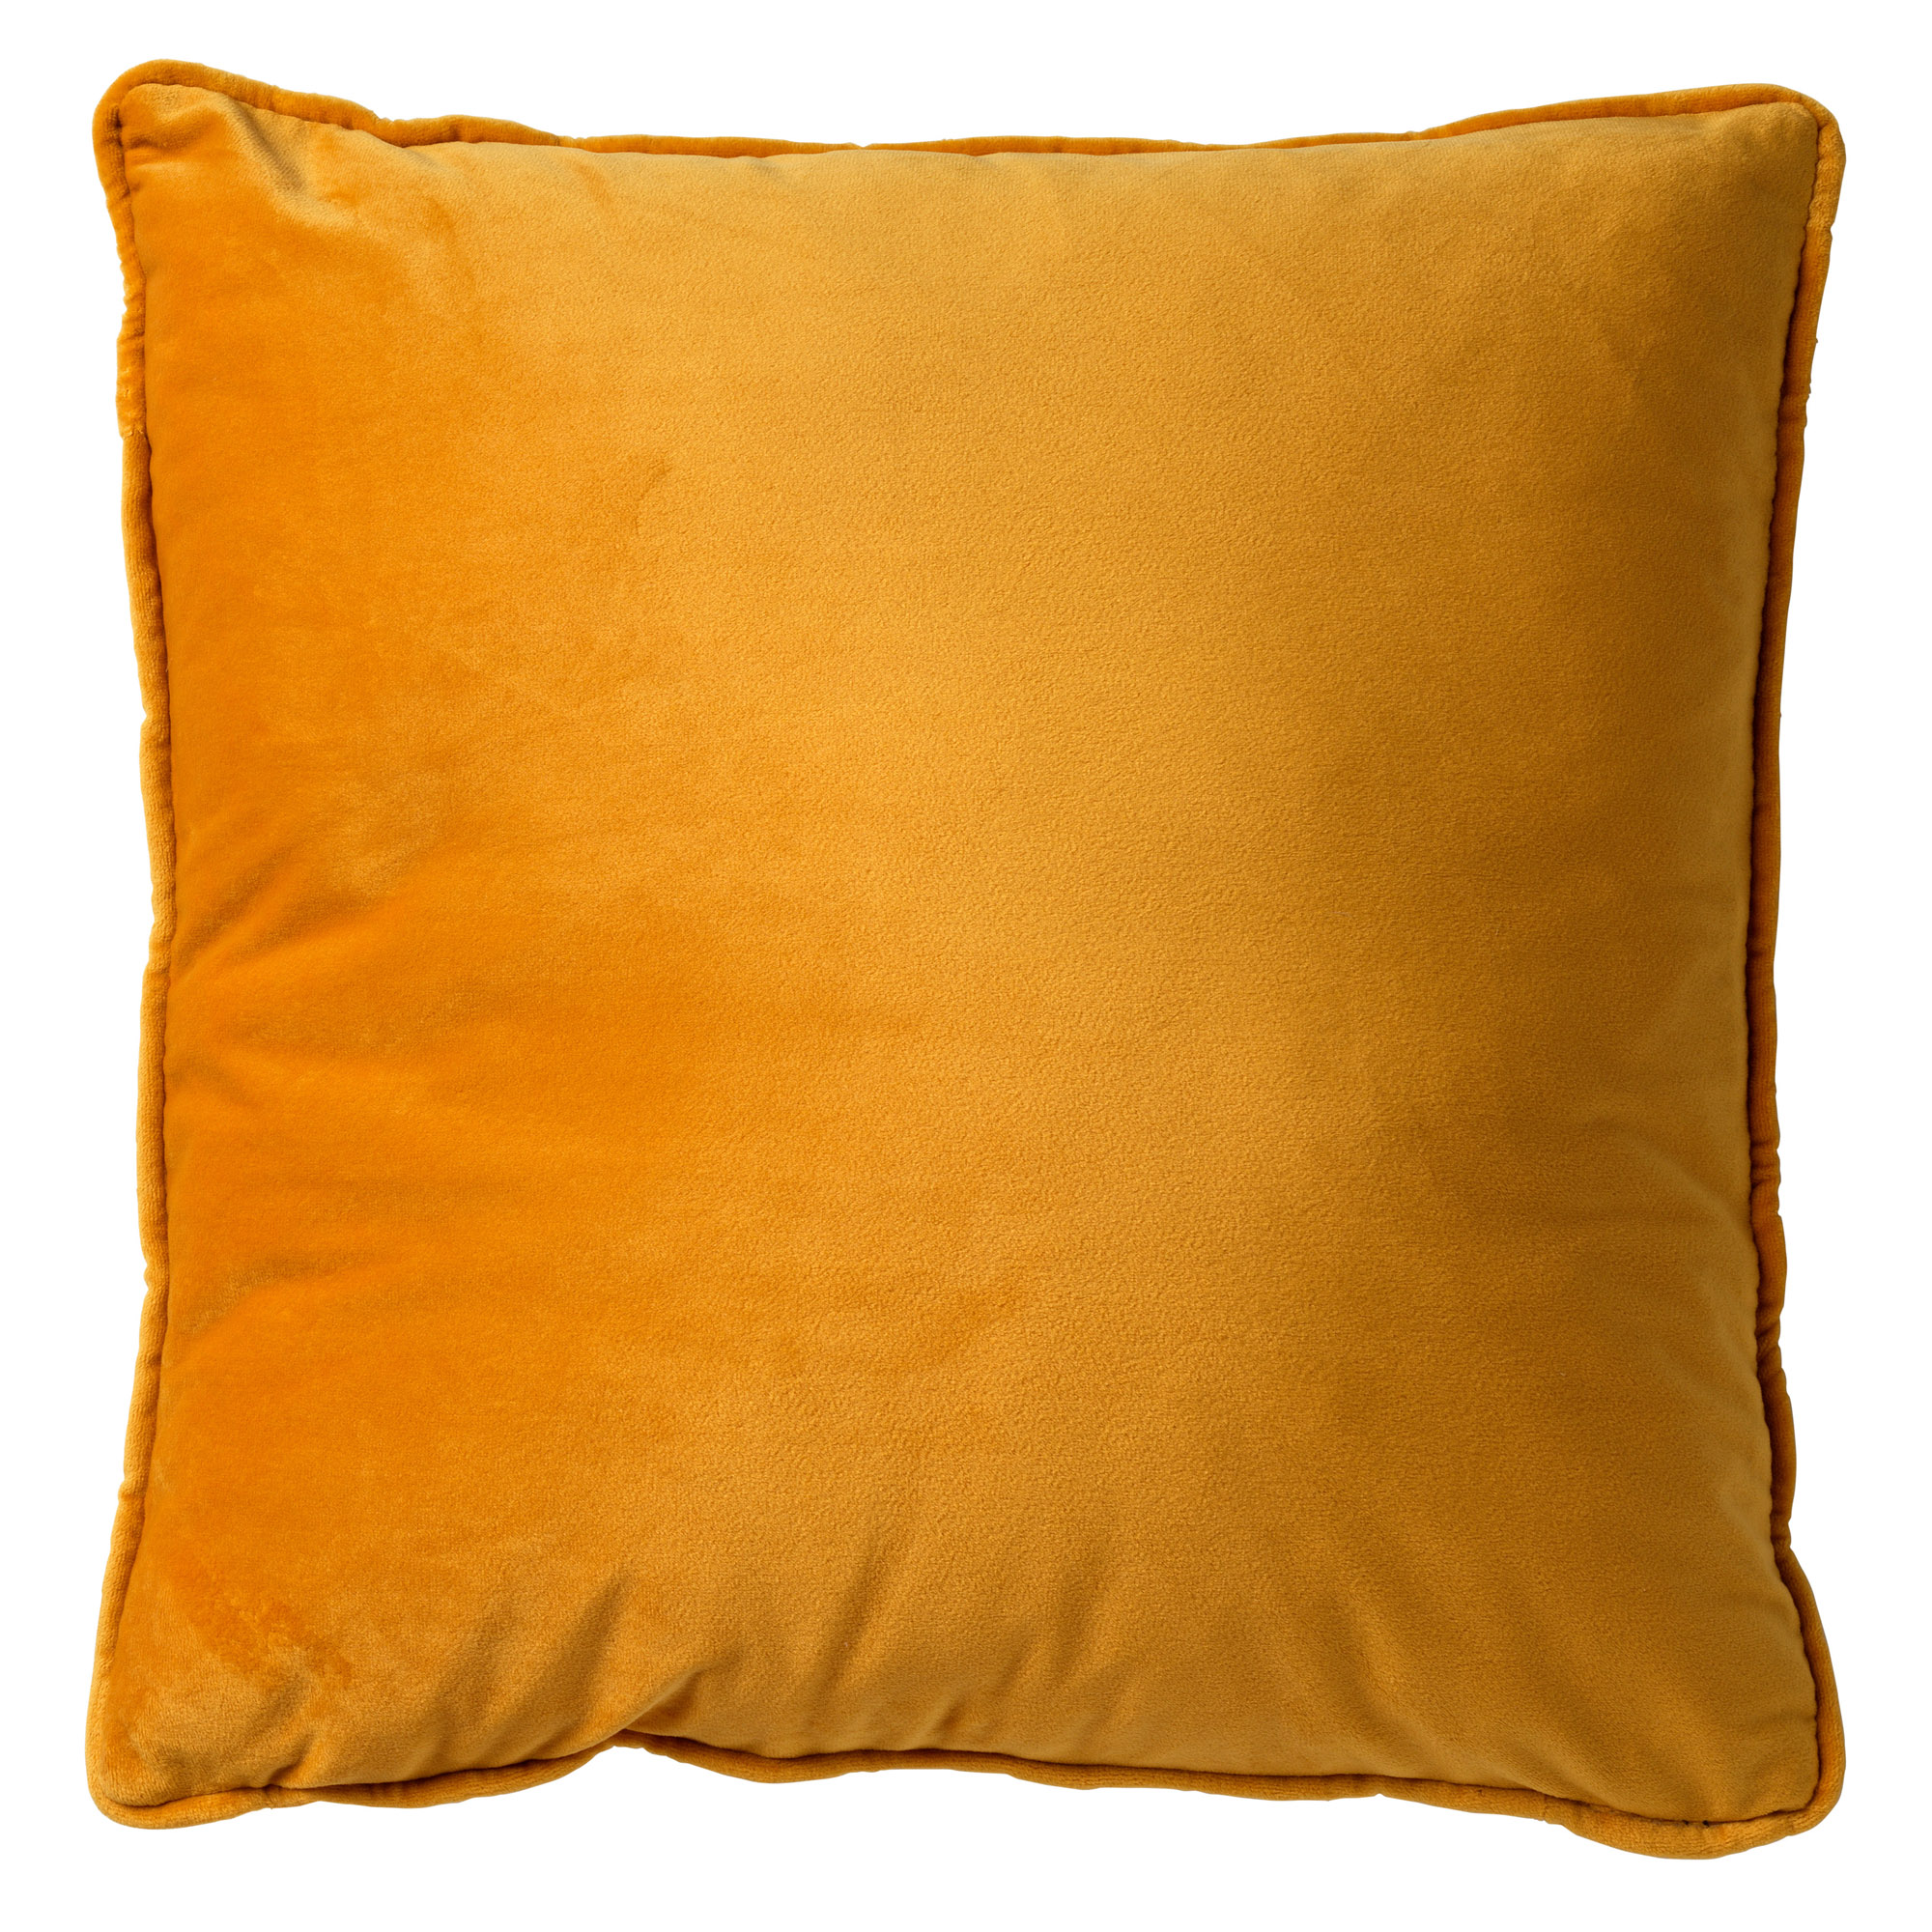 FINN - Kussenhoes Golden Glow 45x45 cm